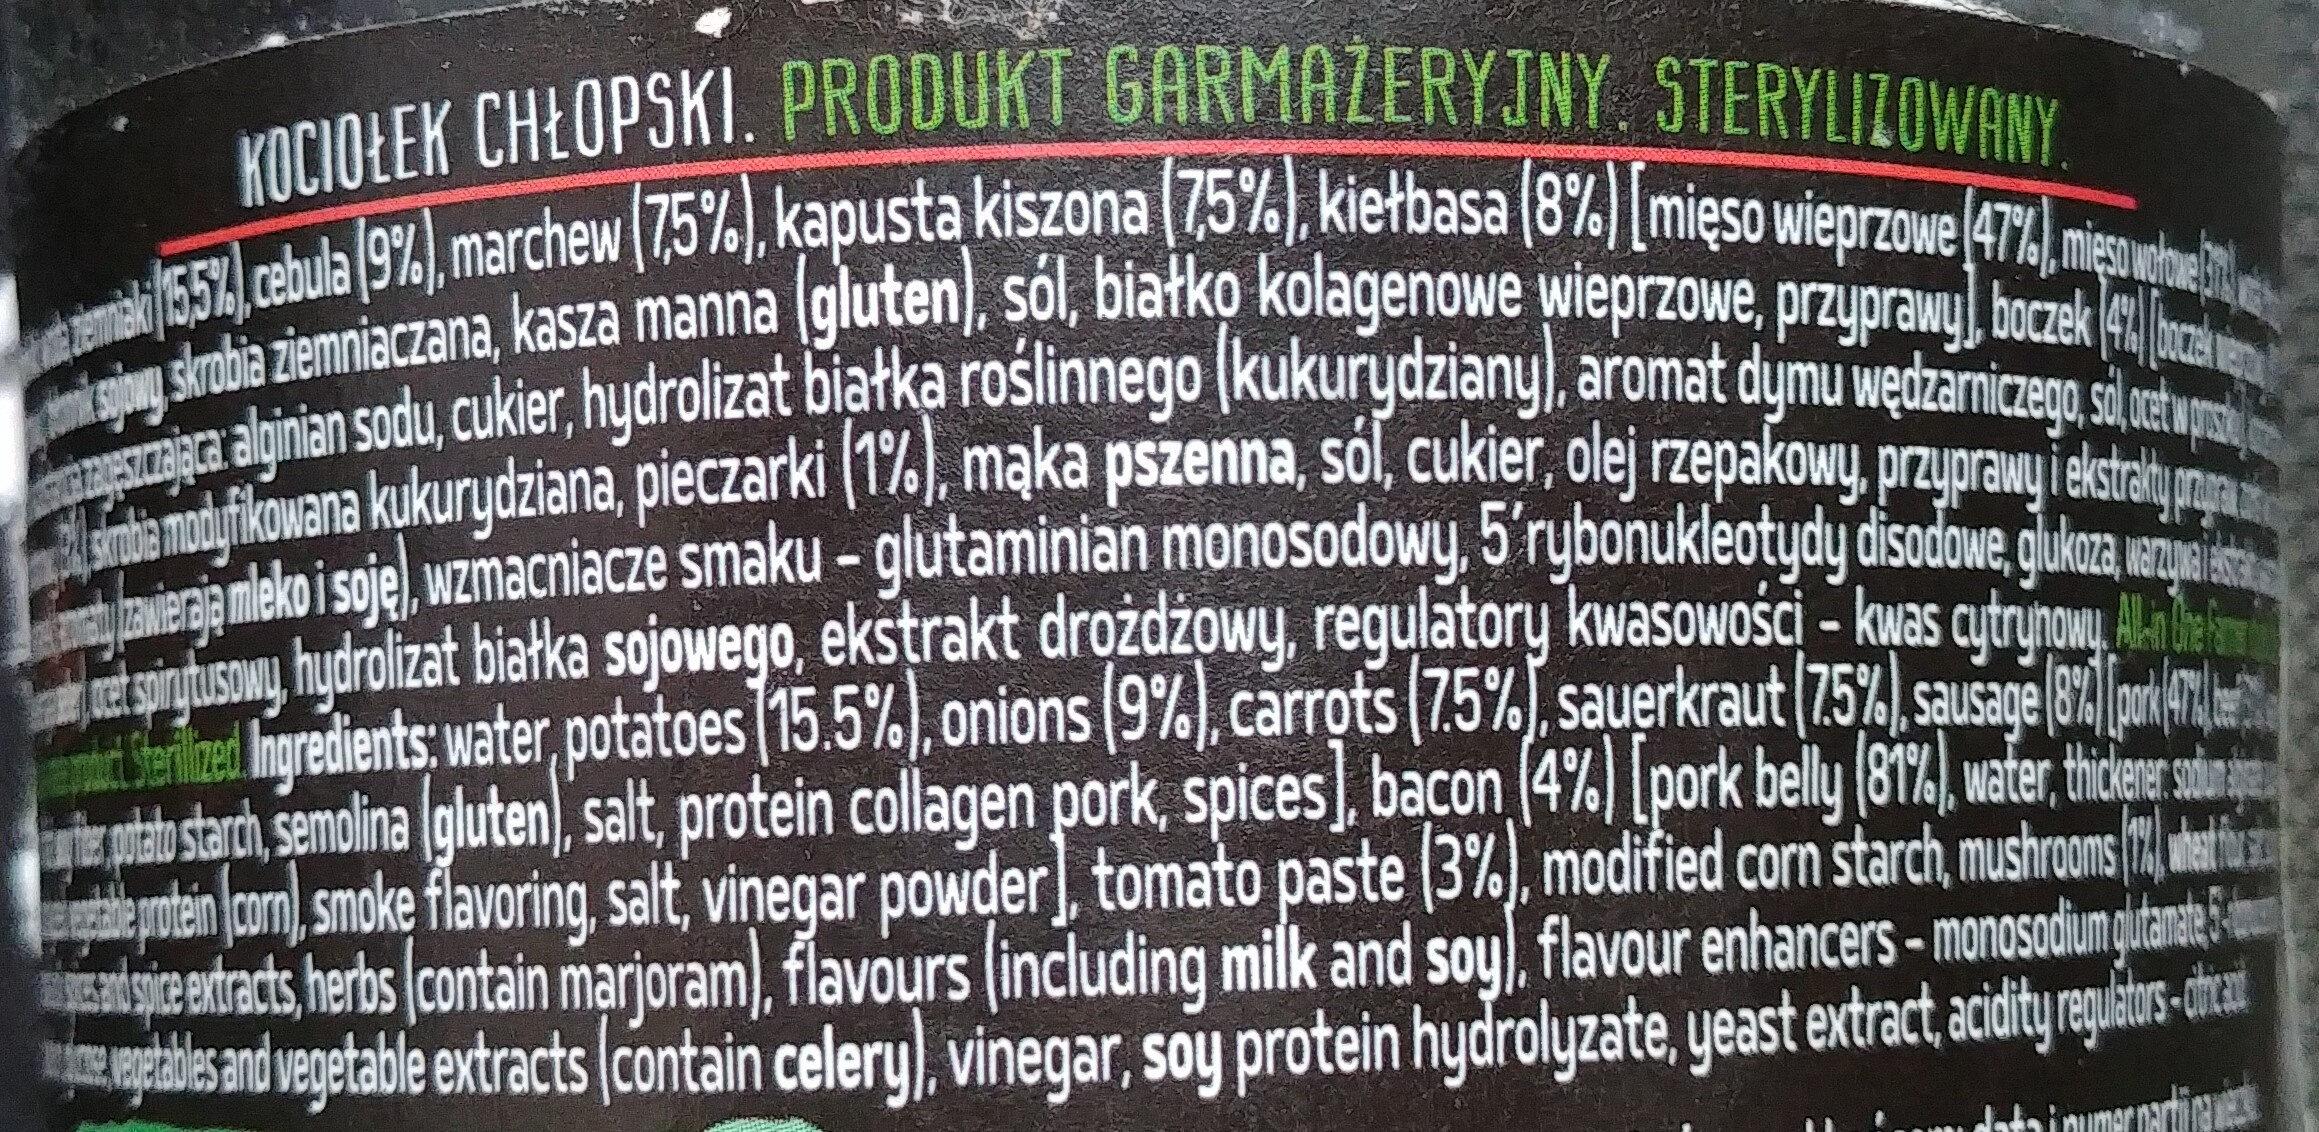 Kociołek chłopski - Ingrédients - pl